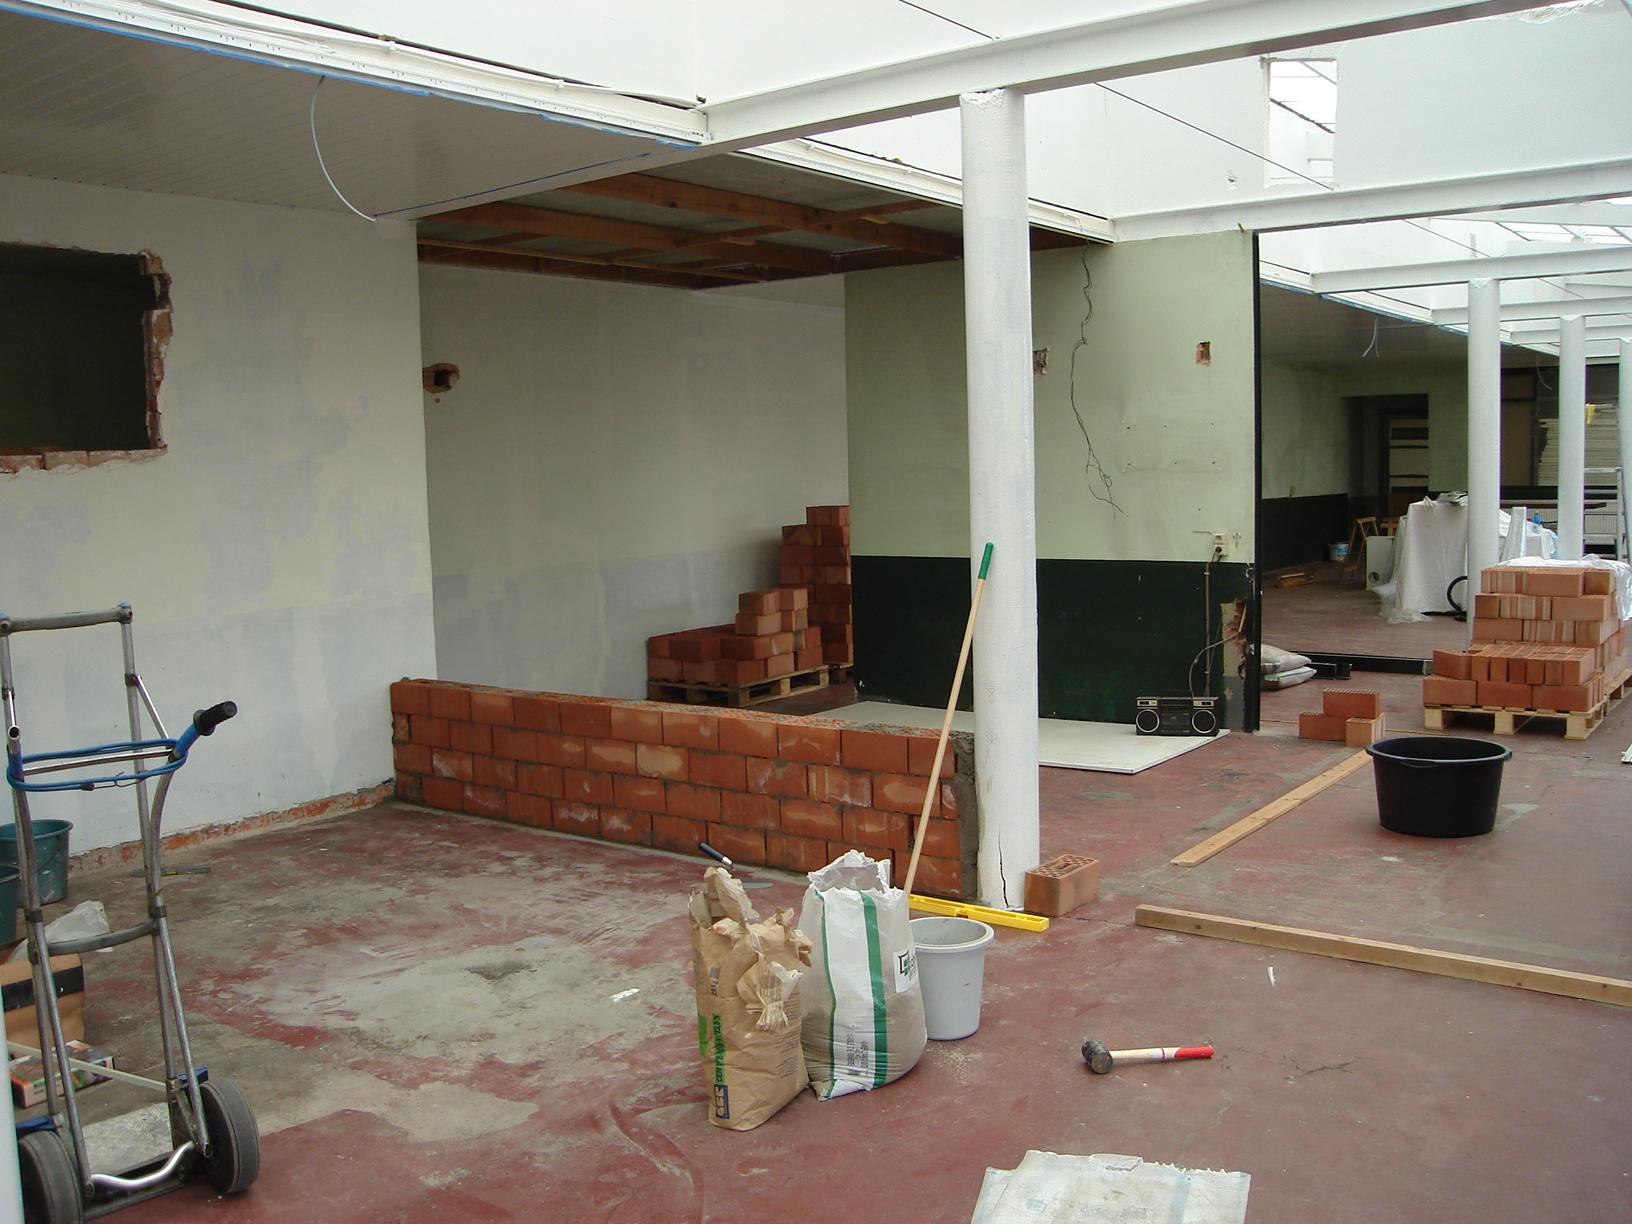 Opbouw van toiletten en vestiaire